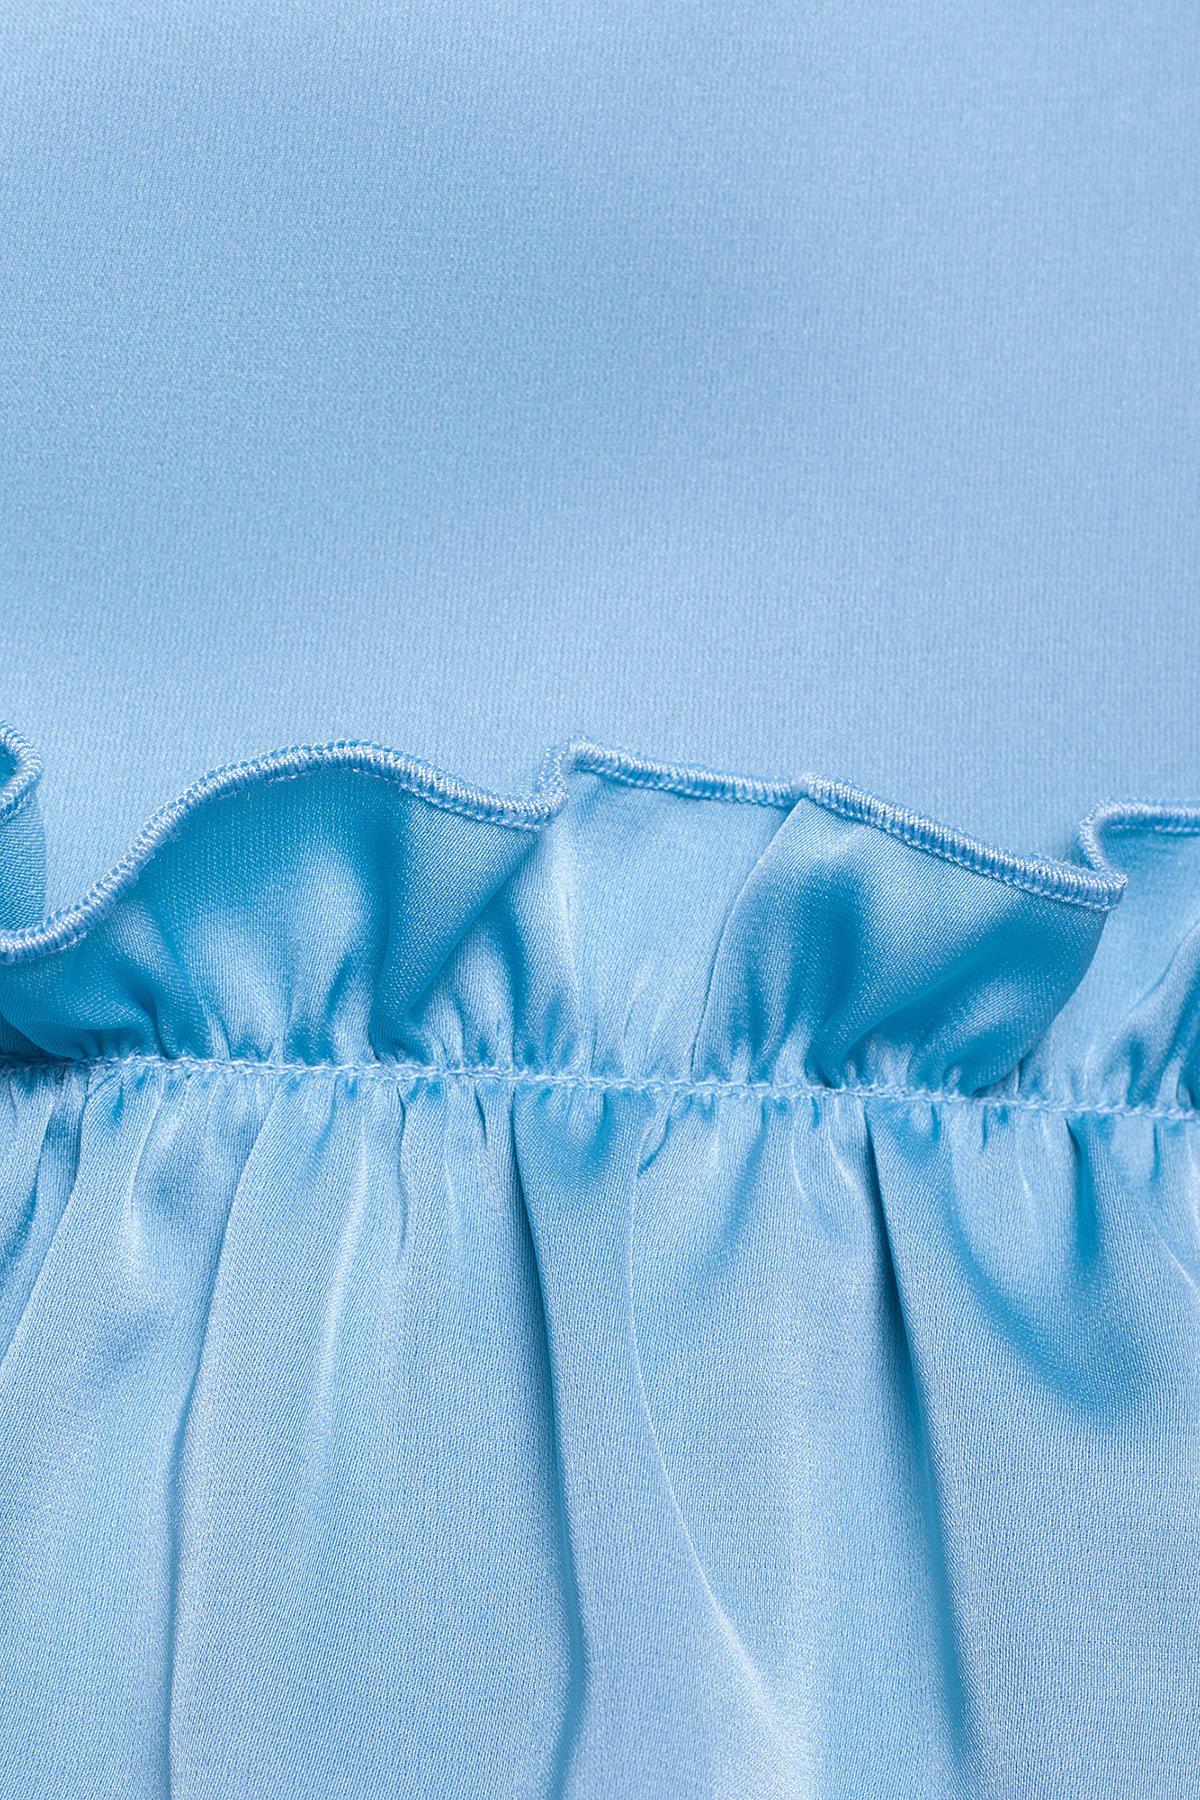 Блуза Дезири 2744  АРТ. 14738 Цвет: Голубой - фото 3, интернет магазин tm-modus.ru